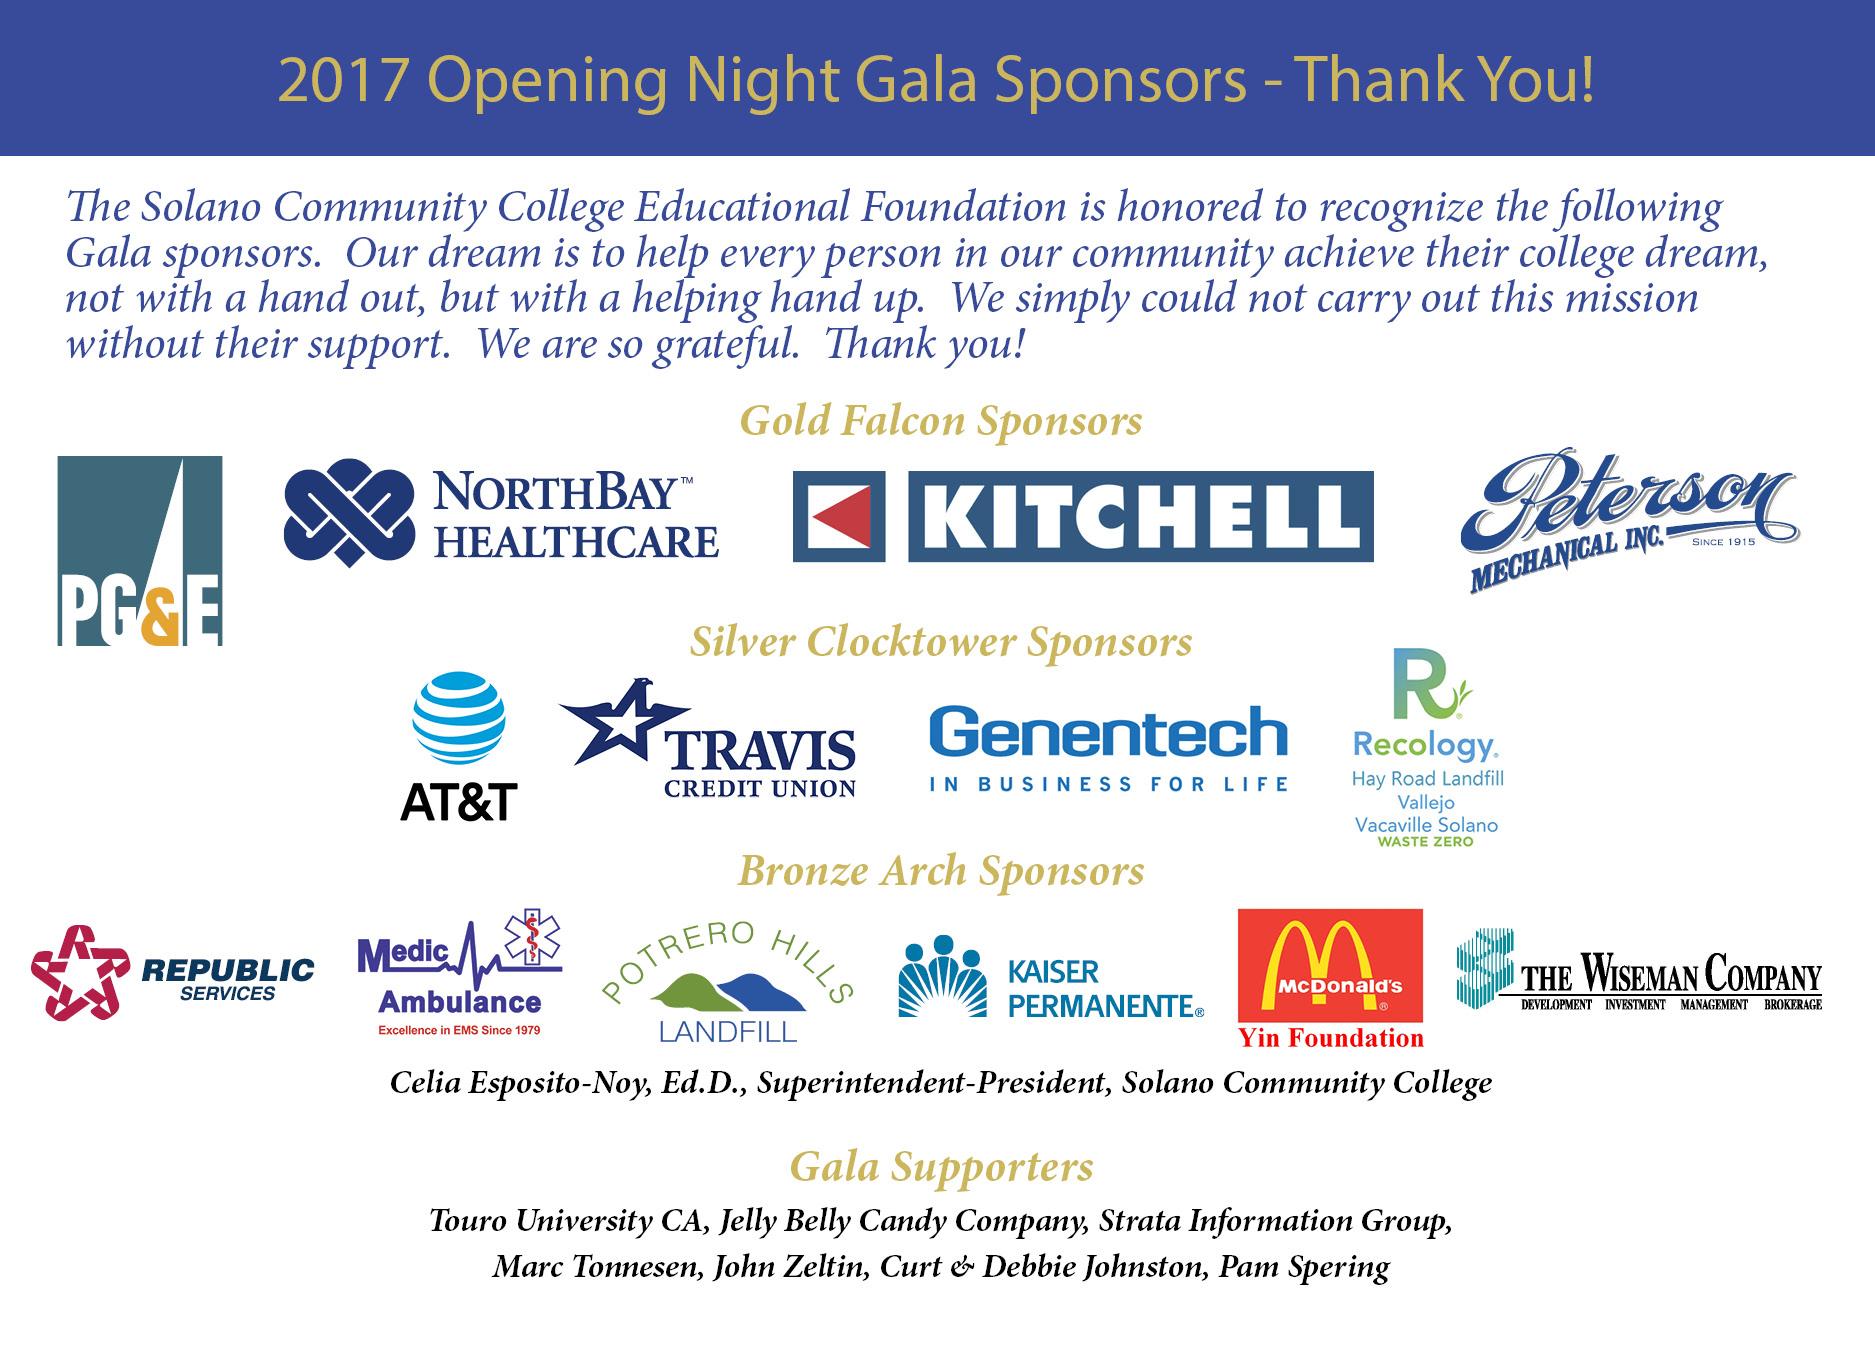 foundation solano edu solano community college opening night gala